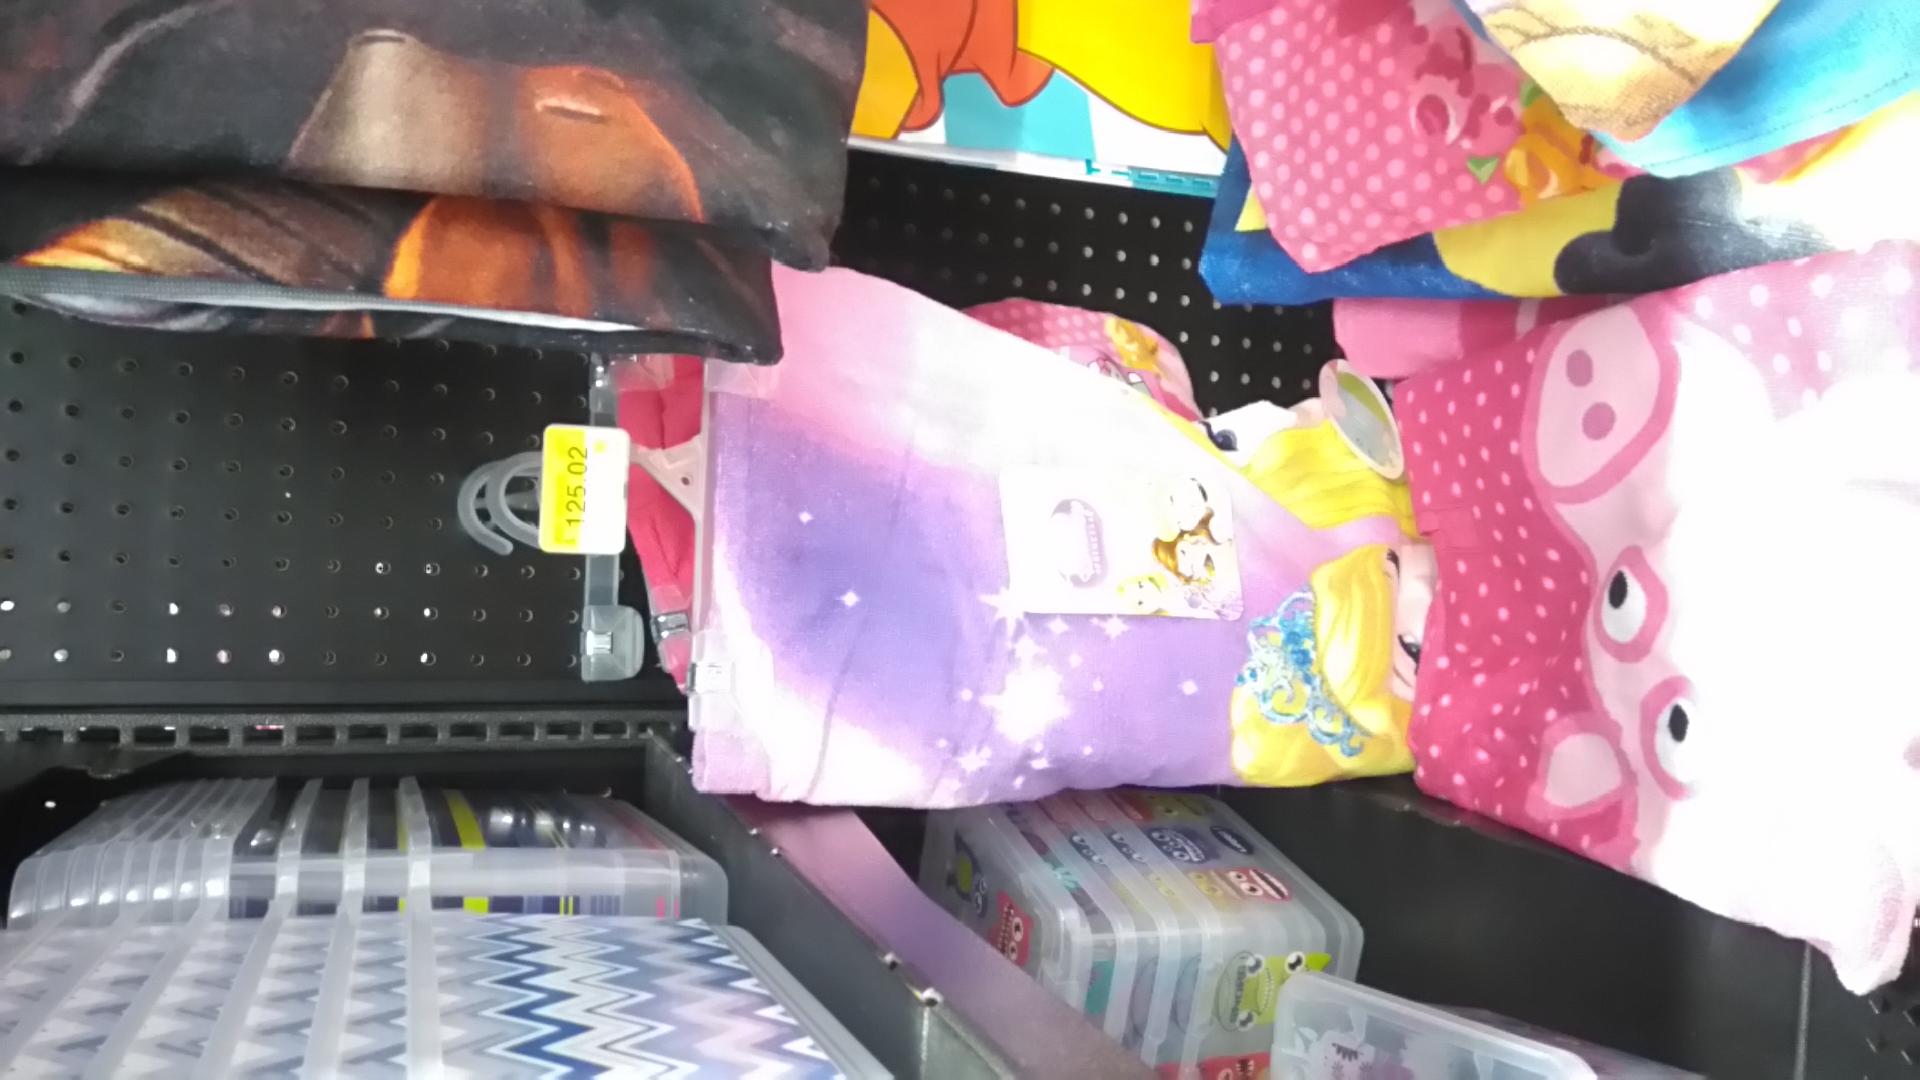 Walmart Aeropuerto Tampico: Toalla para niño(a) $25.01, Cortina para baño niña $10.01, Rasuradora Philips $319.01 y mas